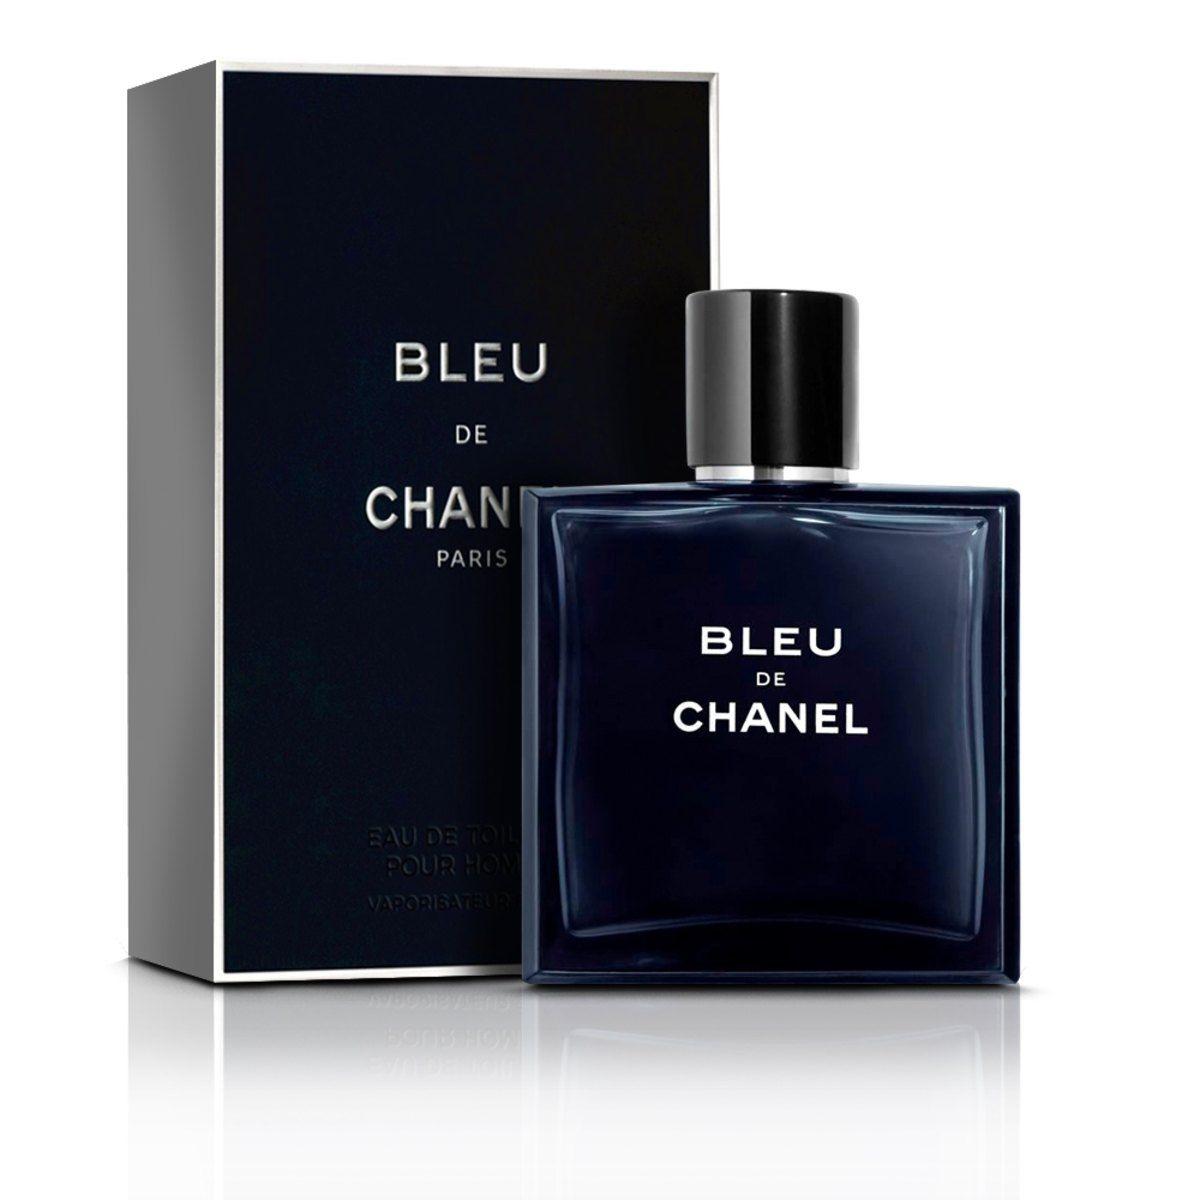 Bleu de Chanel Eau de Toilette Perfume Masculino